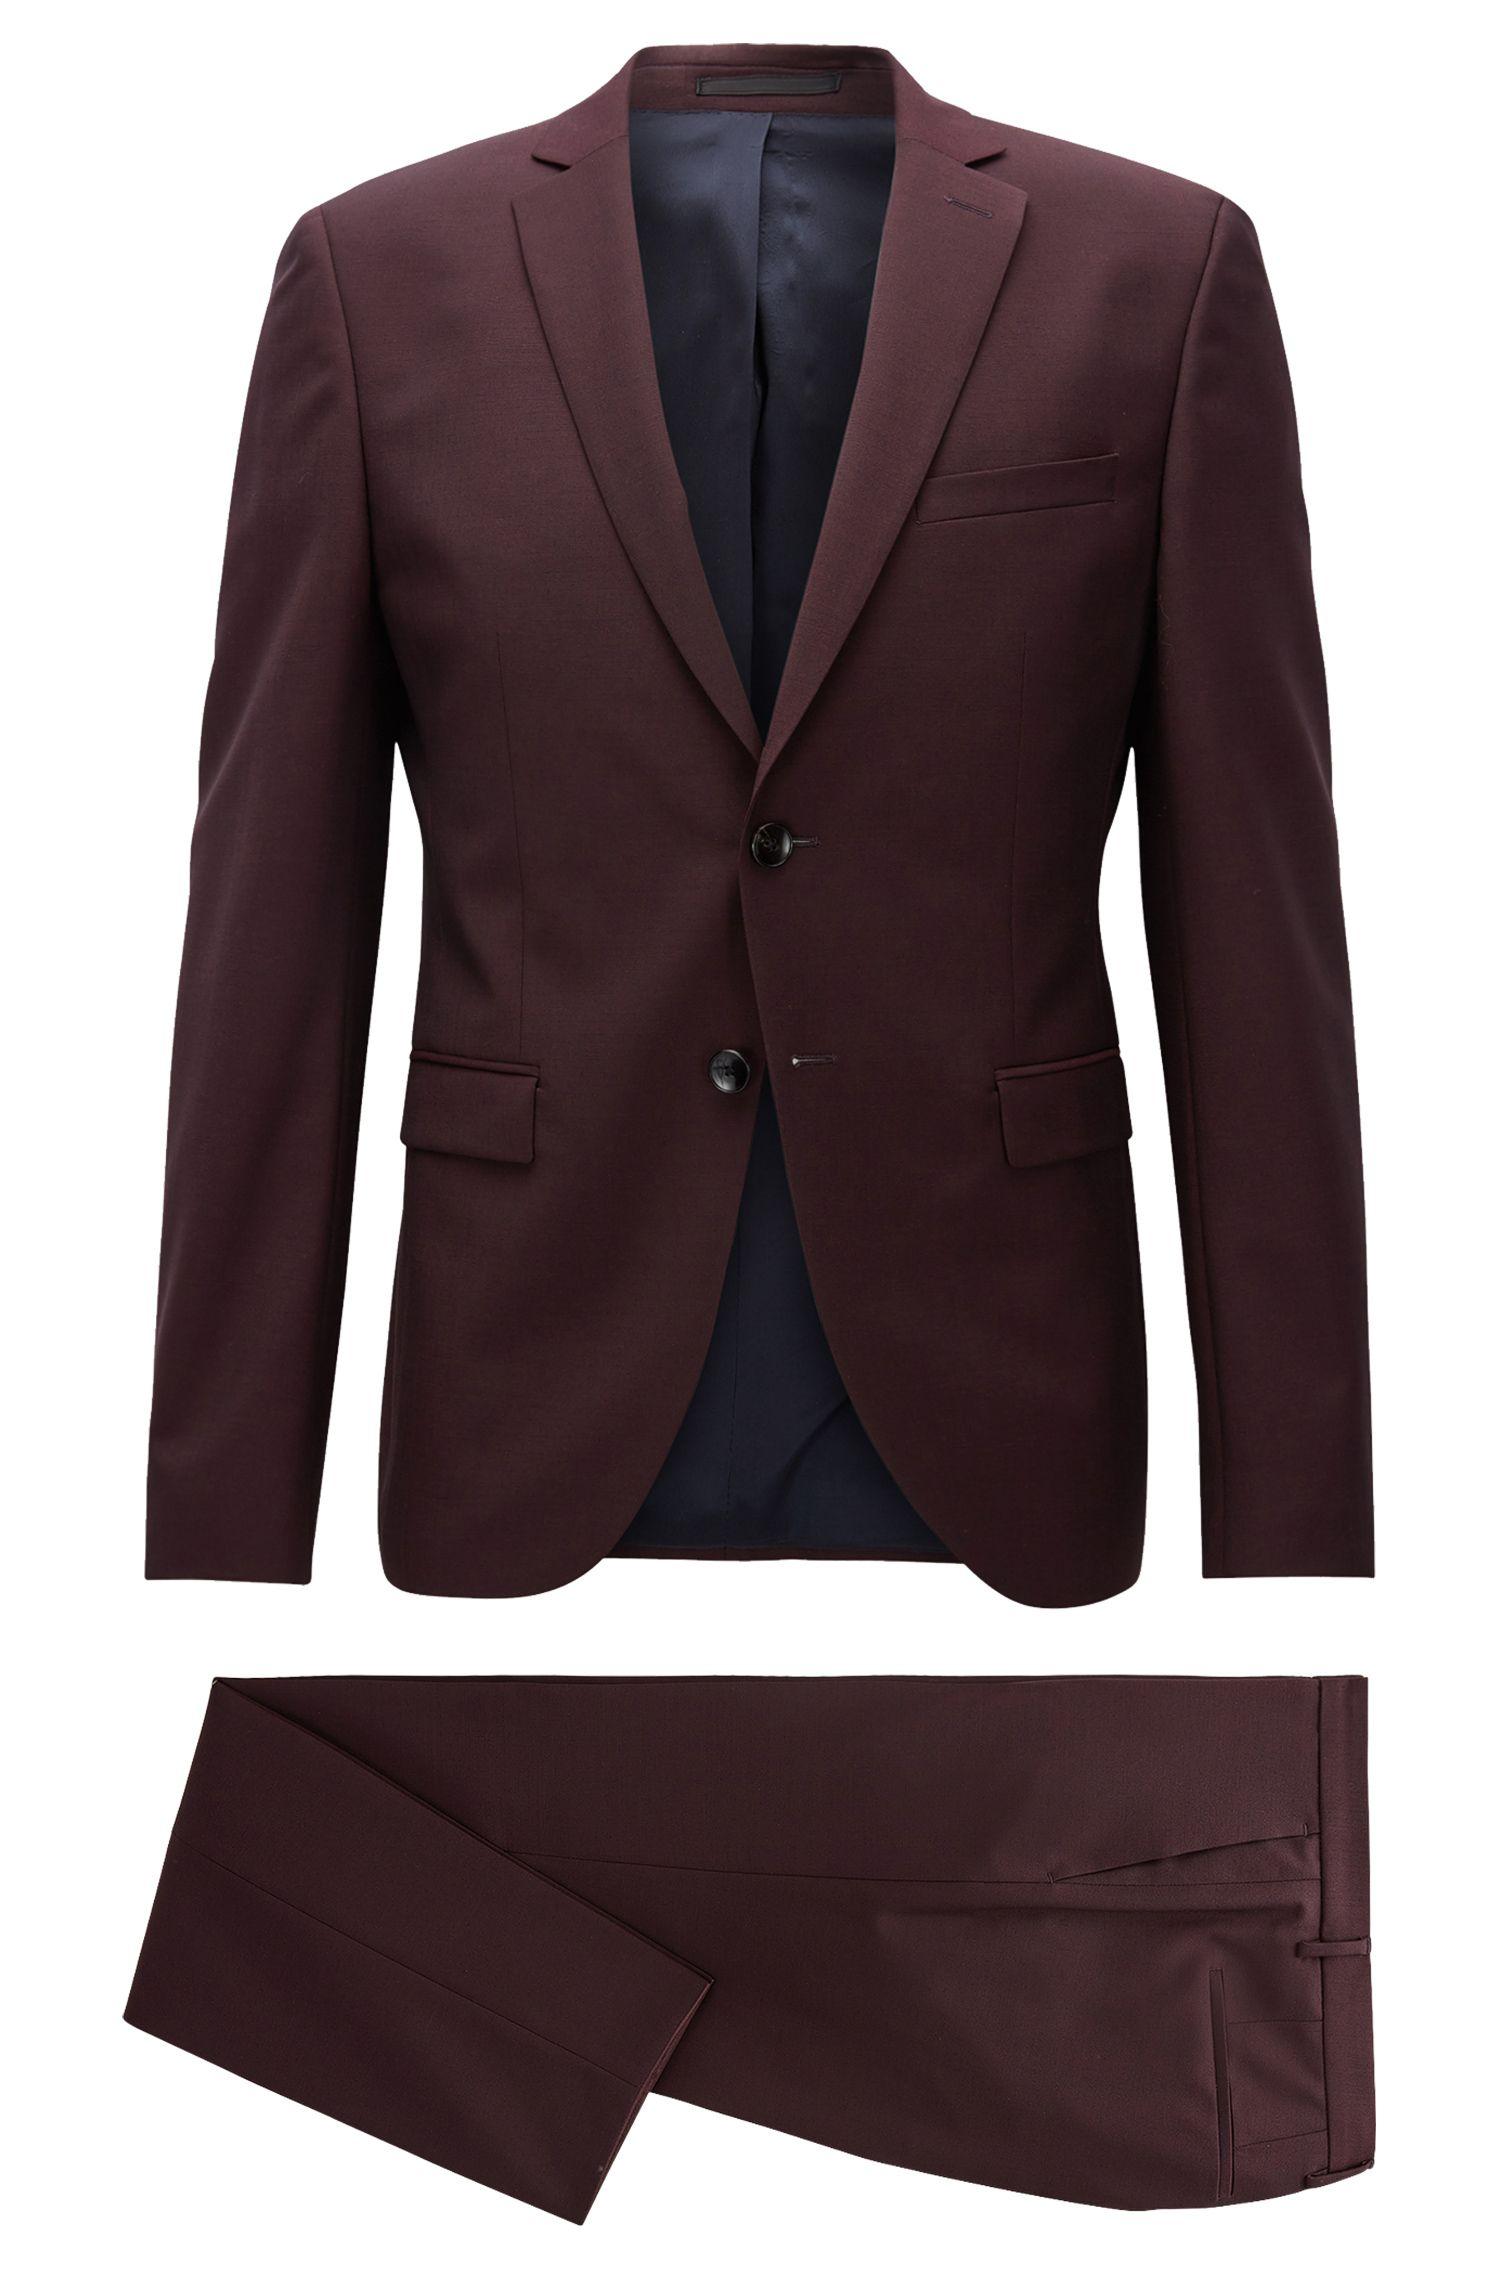 Virgin Wool Mohair Suit, Extra Slim Fit | Reymond/Wenton